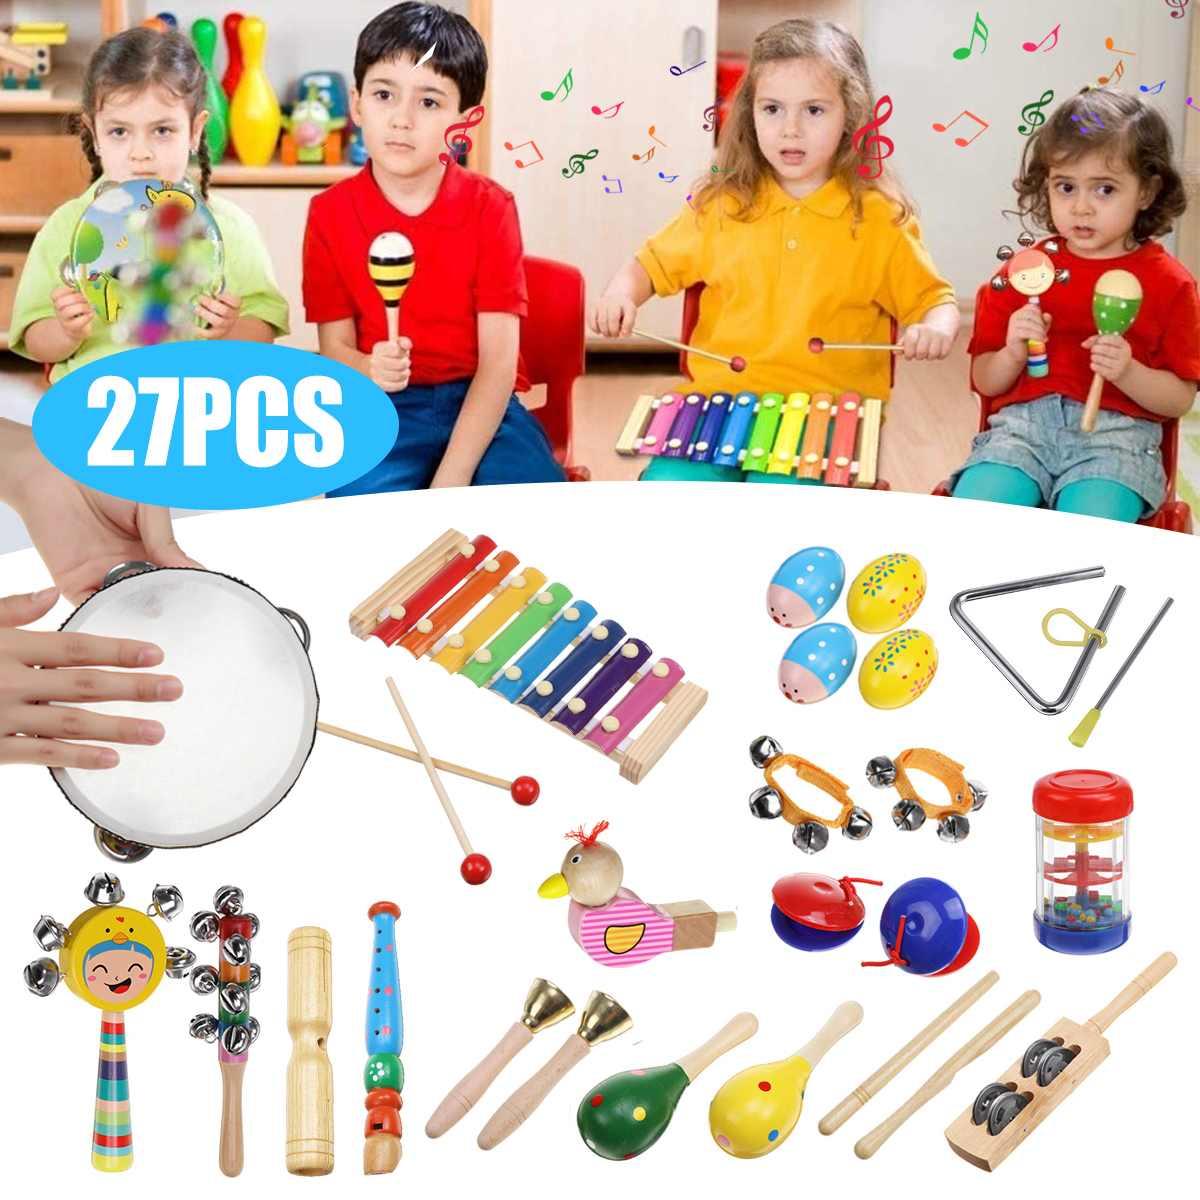 27 шт. детский игрушечный музыкальный инструмент игрушки деревянная перкуссия ксилофон погремушки для детей дошкольного образования игруш...